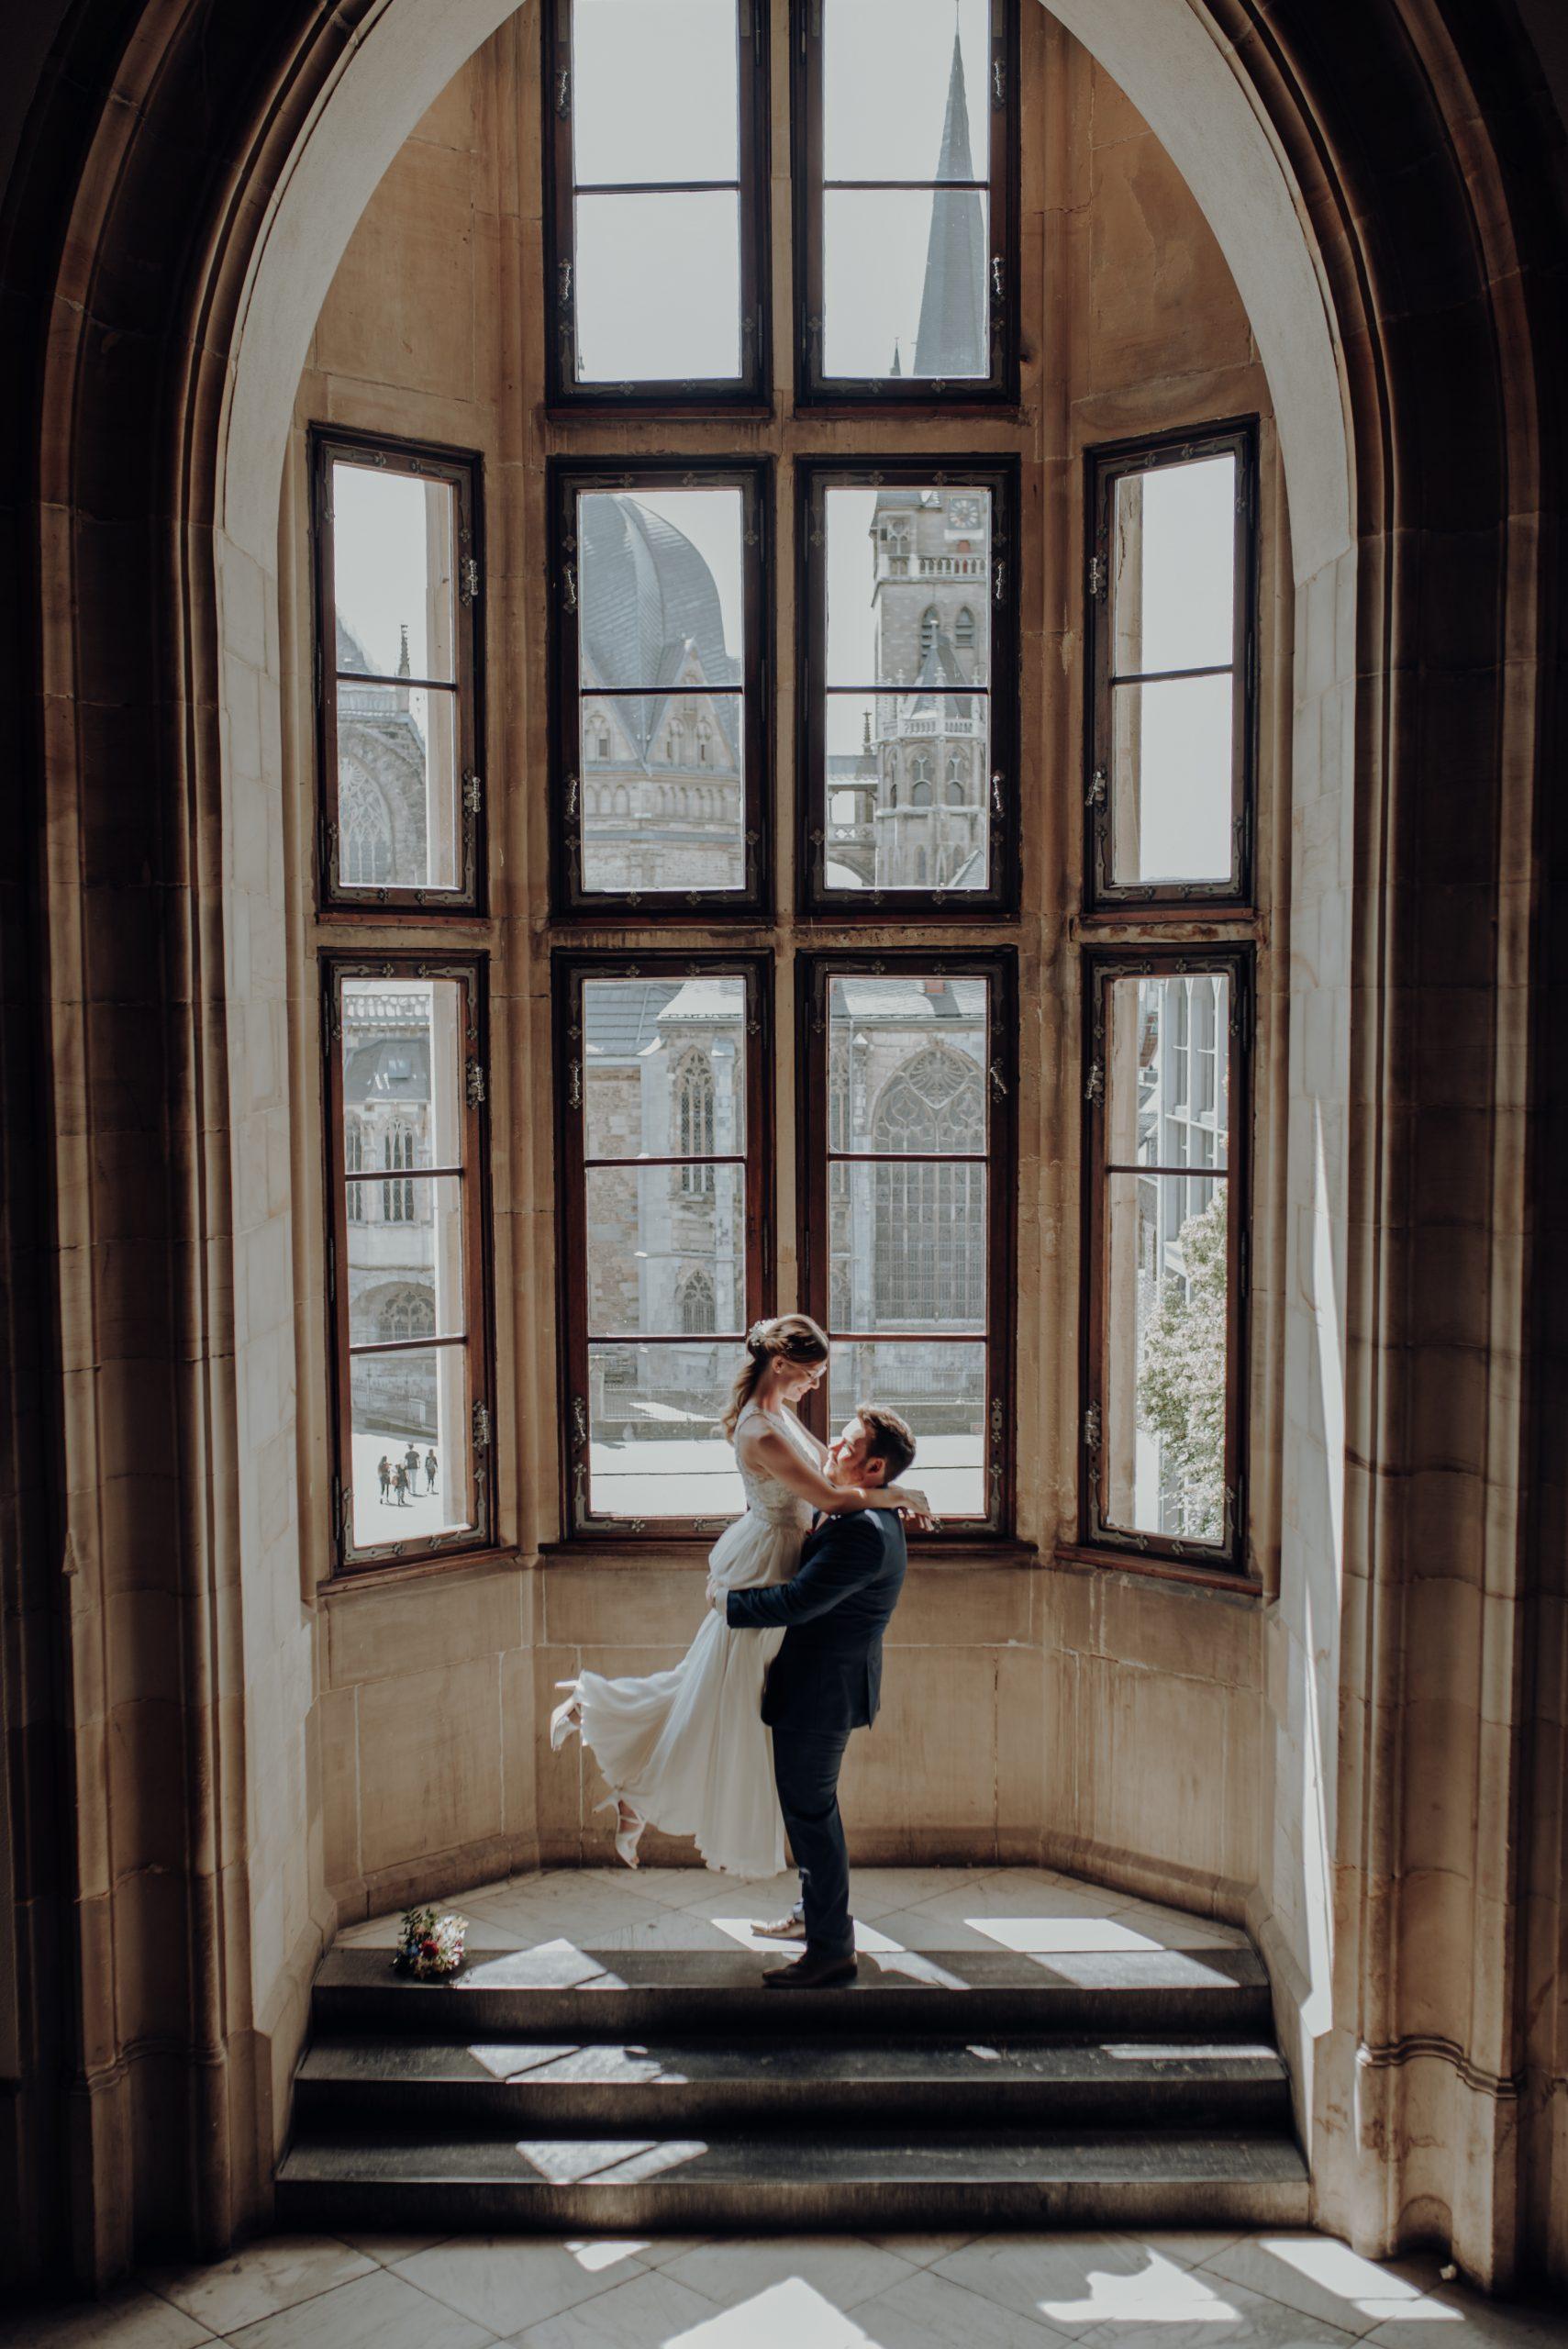 Das Fenster im Rathaus